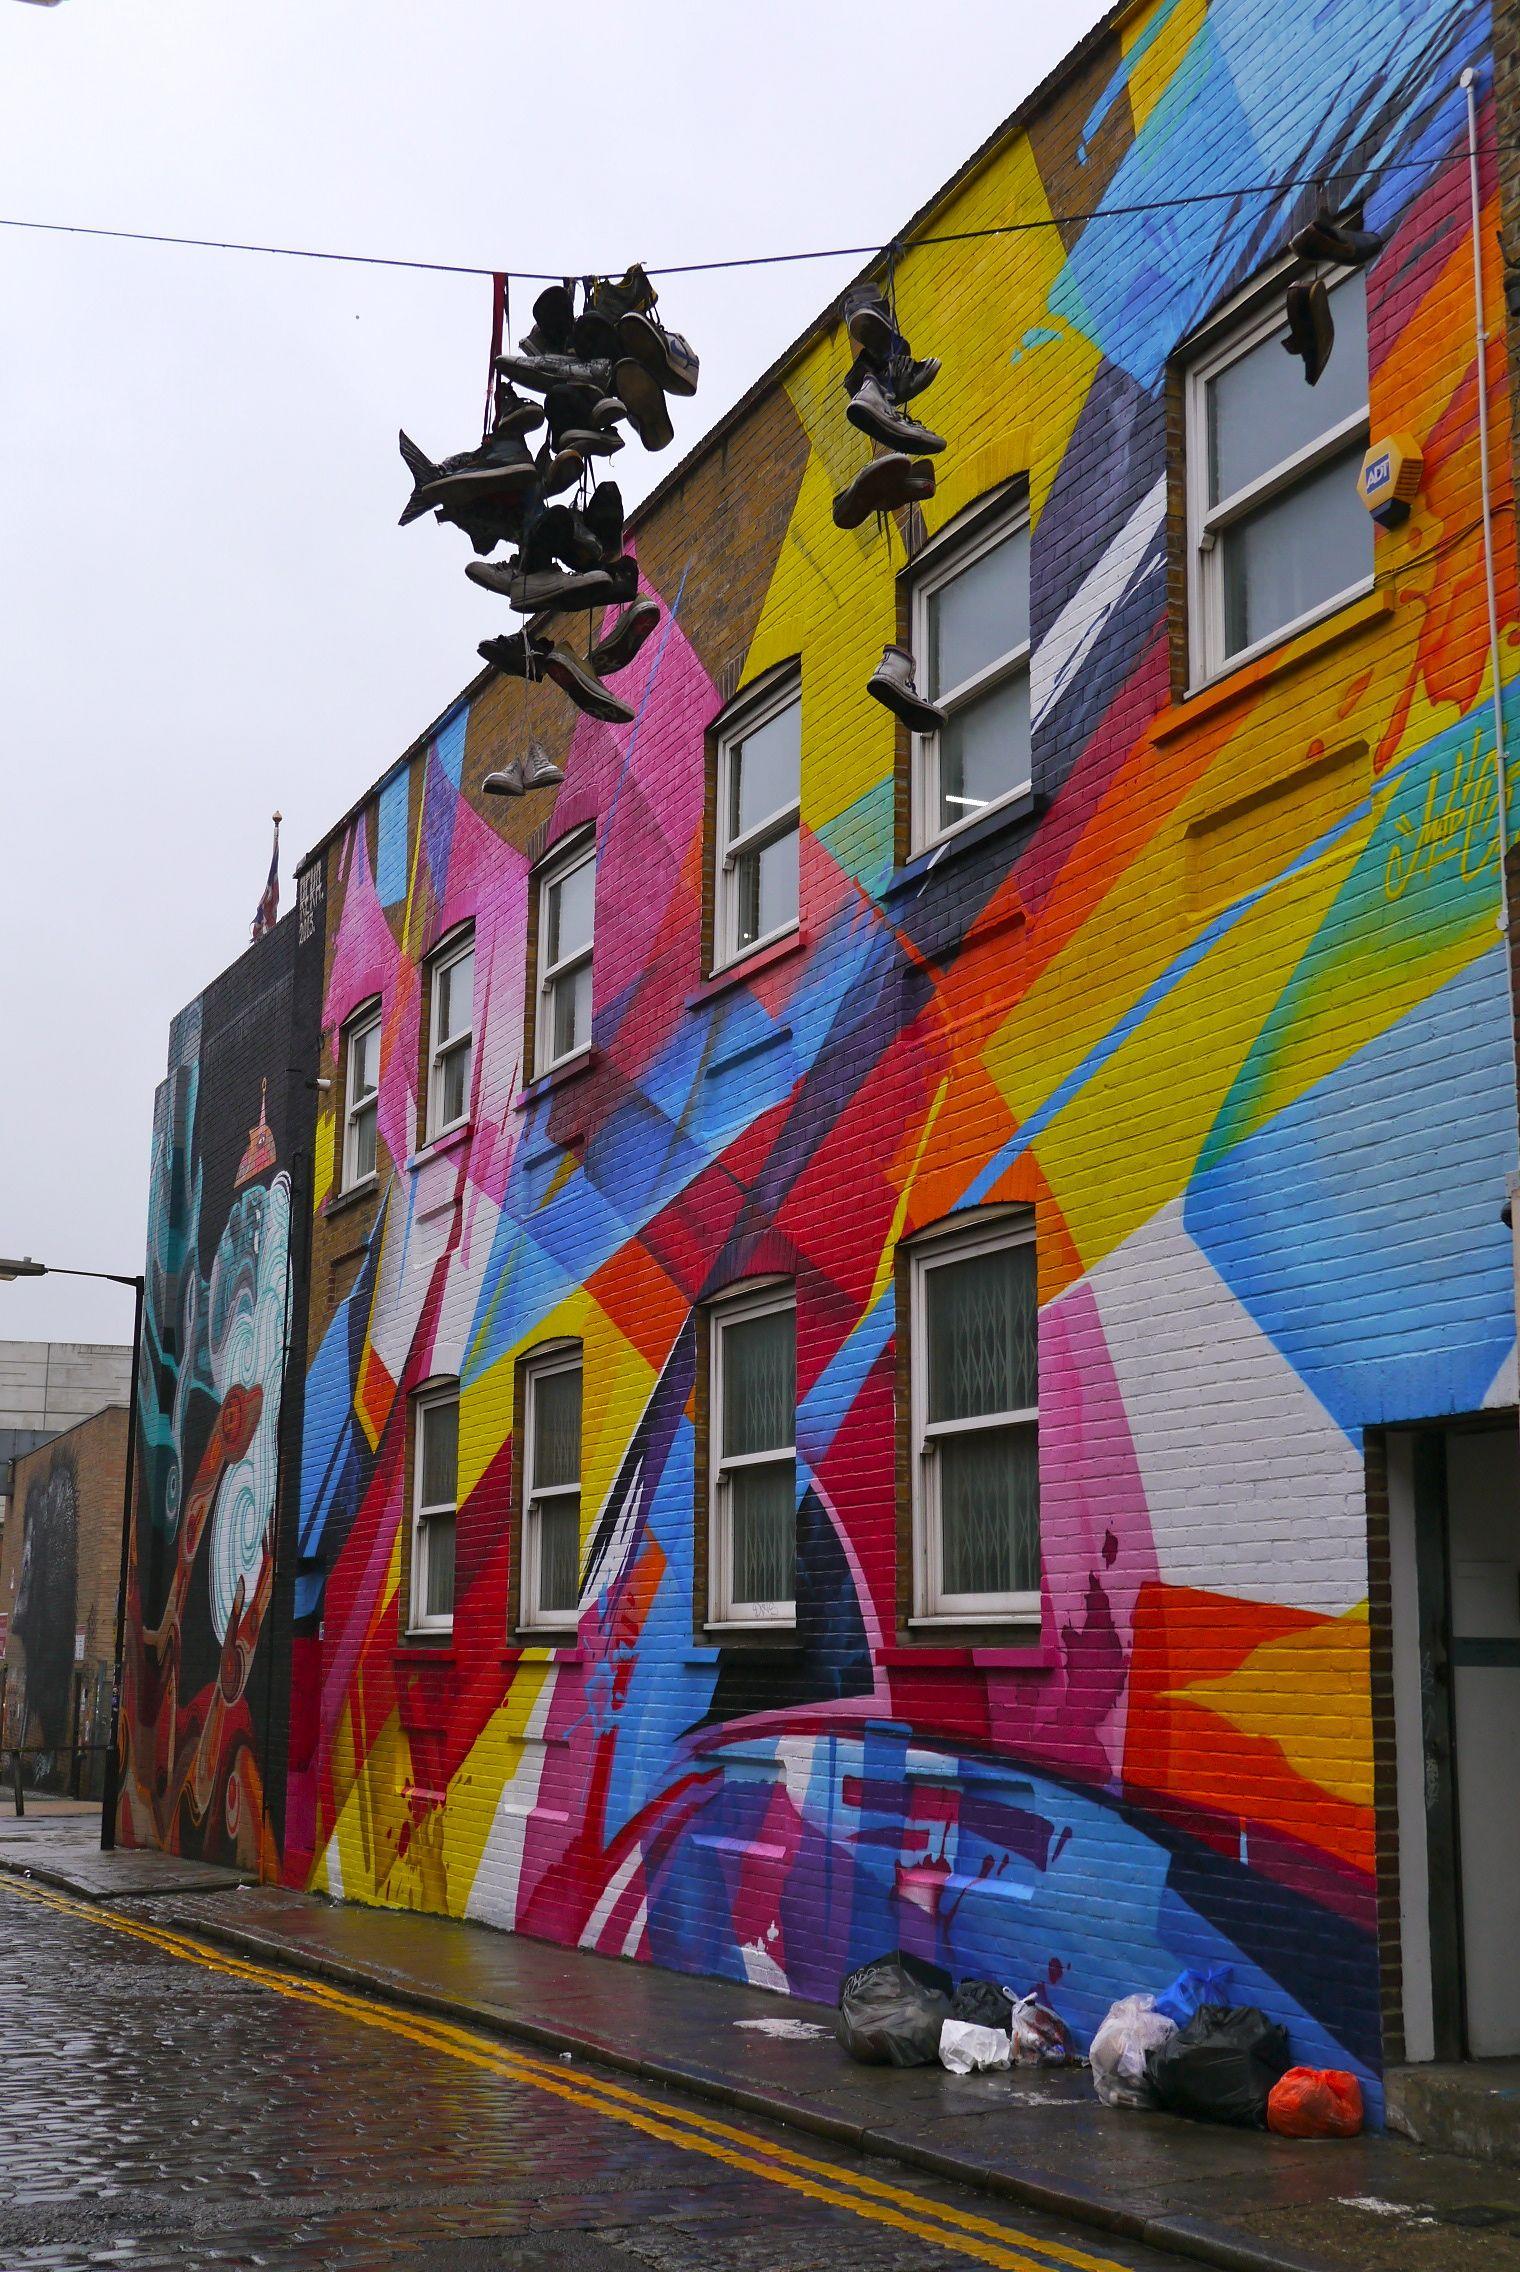 Shoreditch Street Art: Street Art & Graffiti